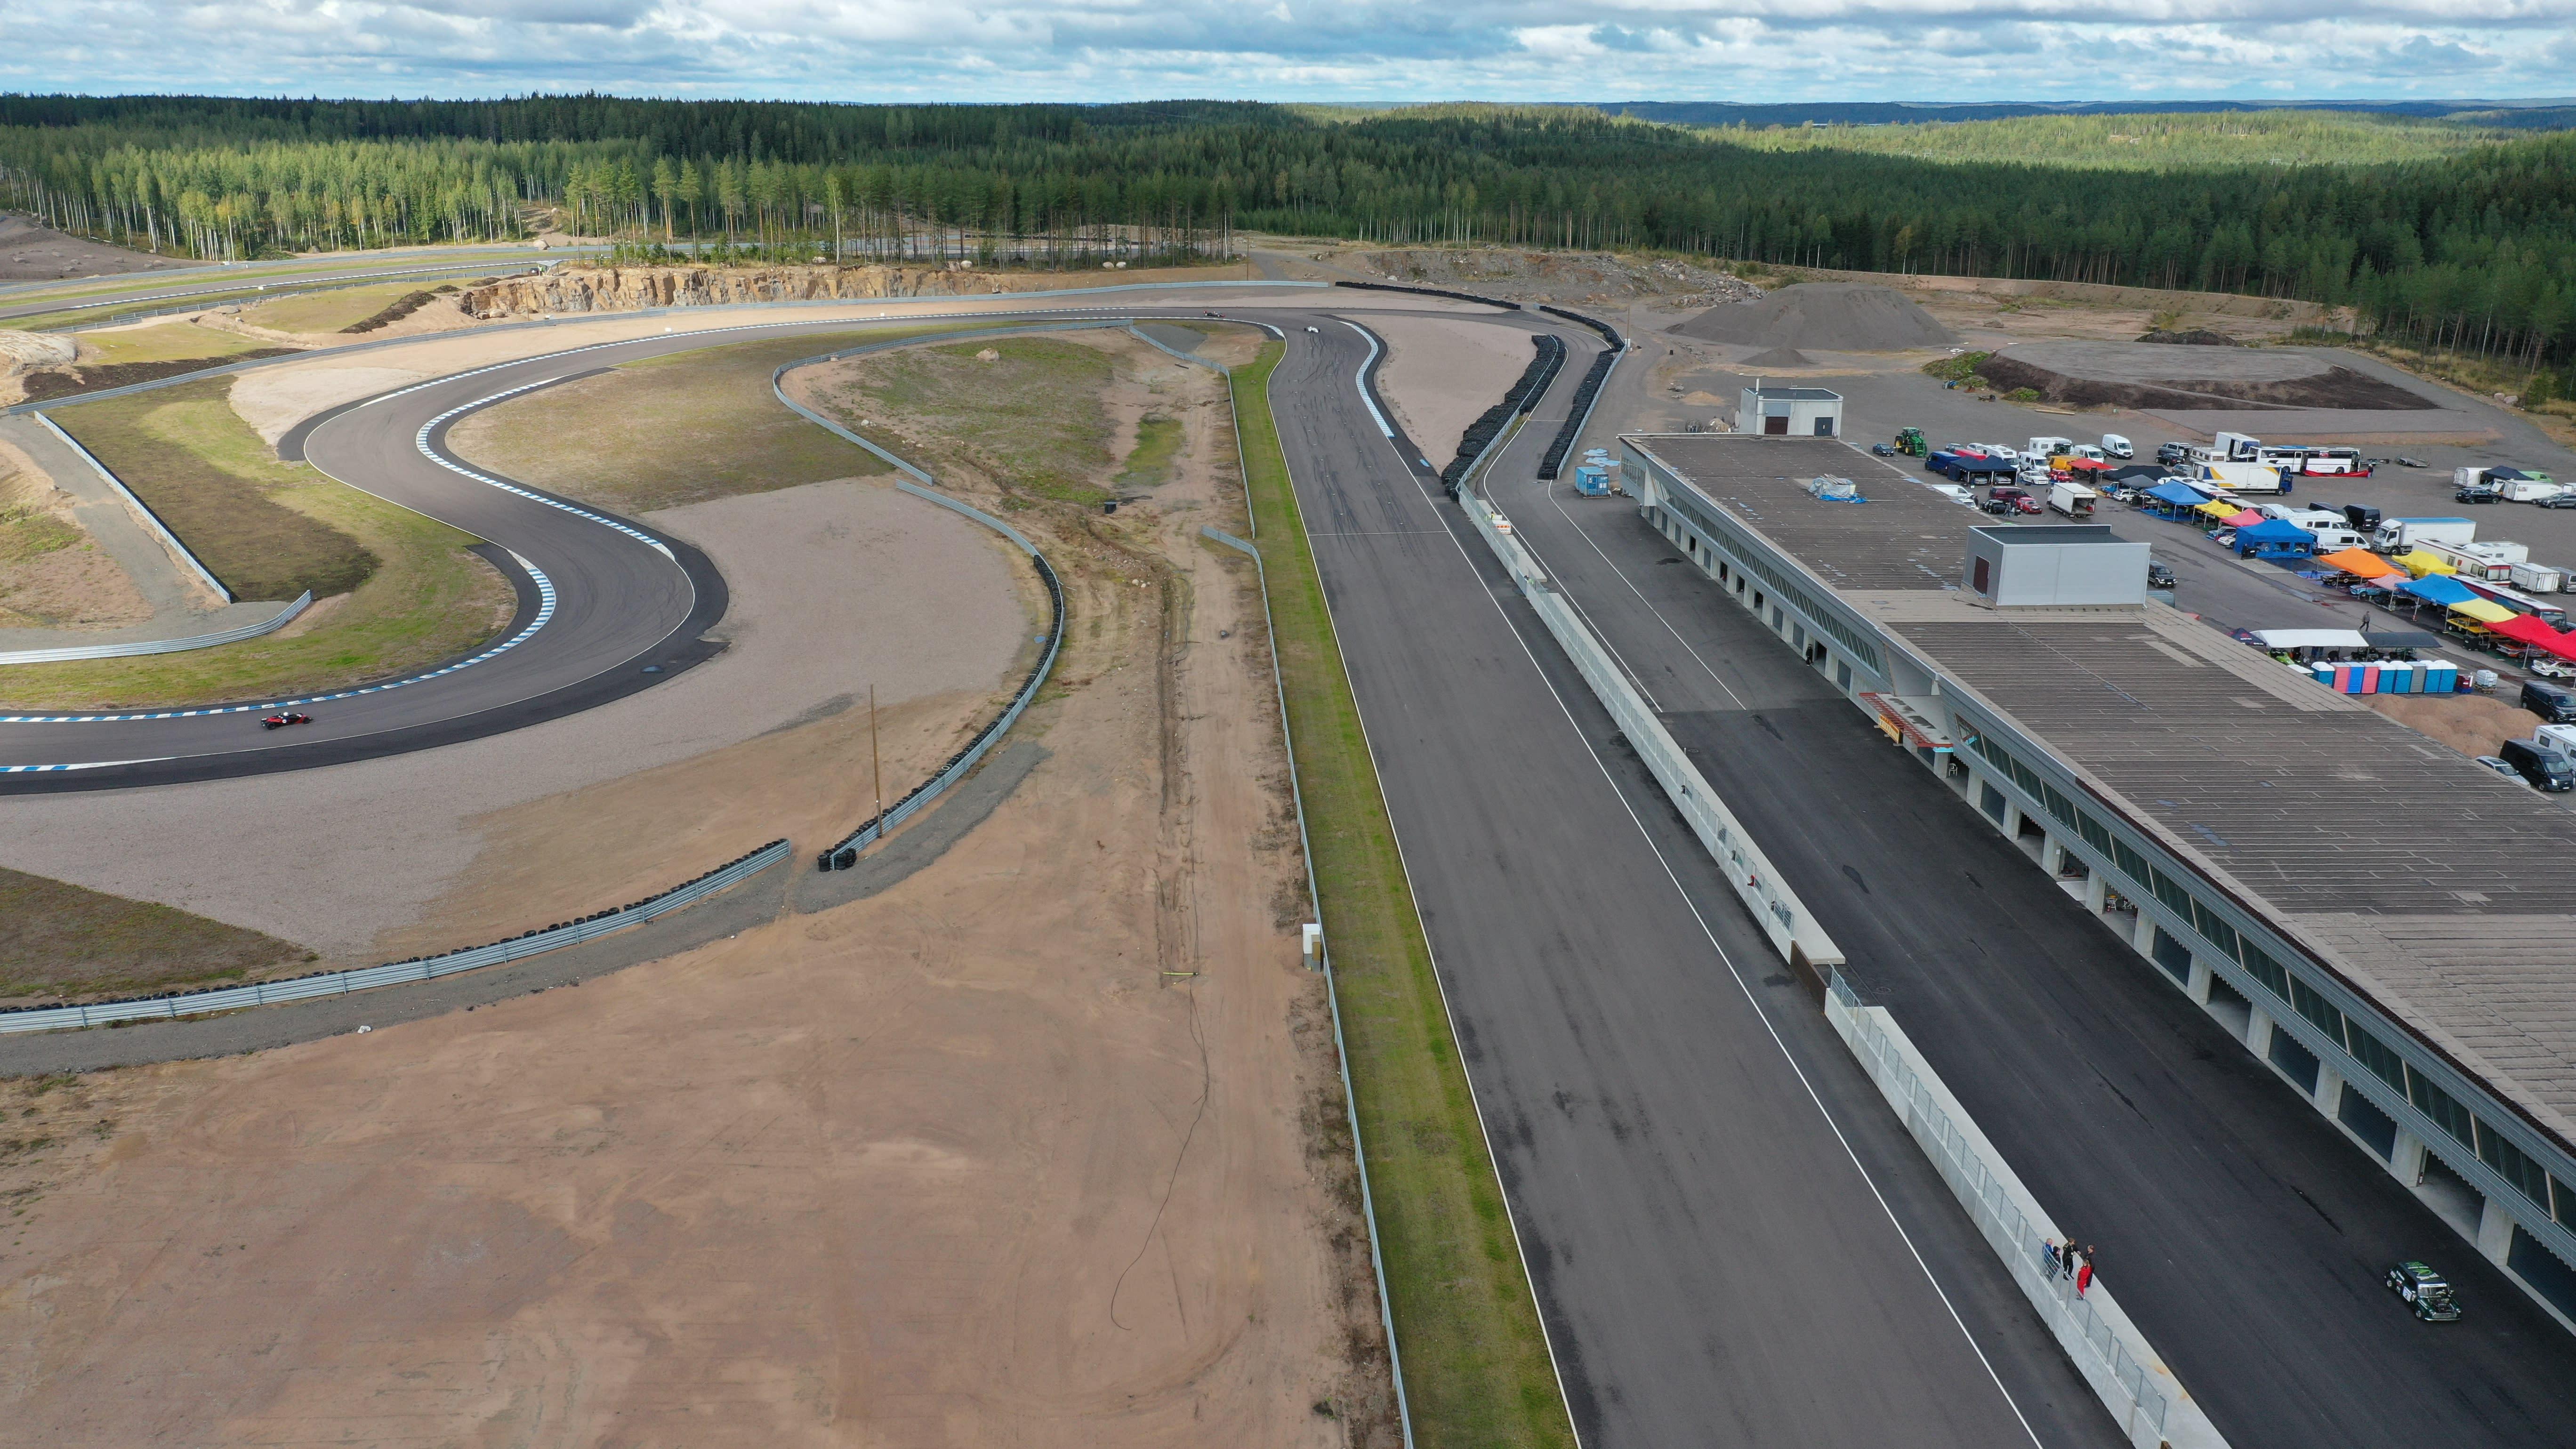 Droonikuva KymiRingin moottoriradan ja varikkoalueen yläpuolelta.